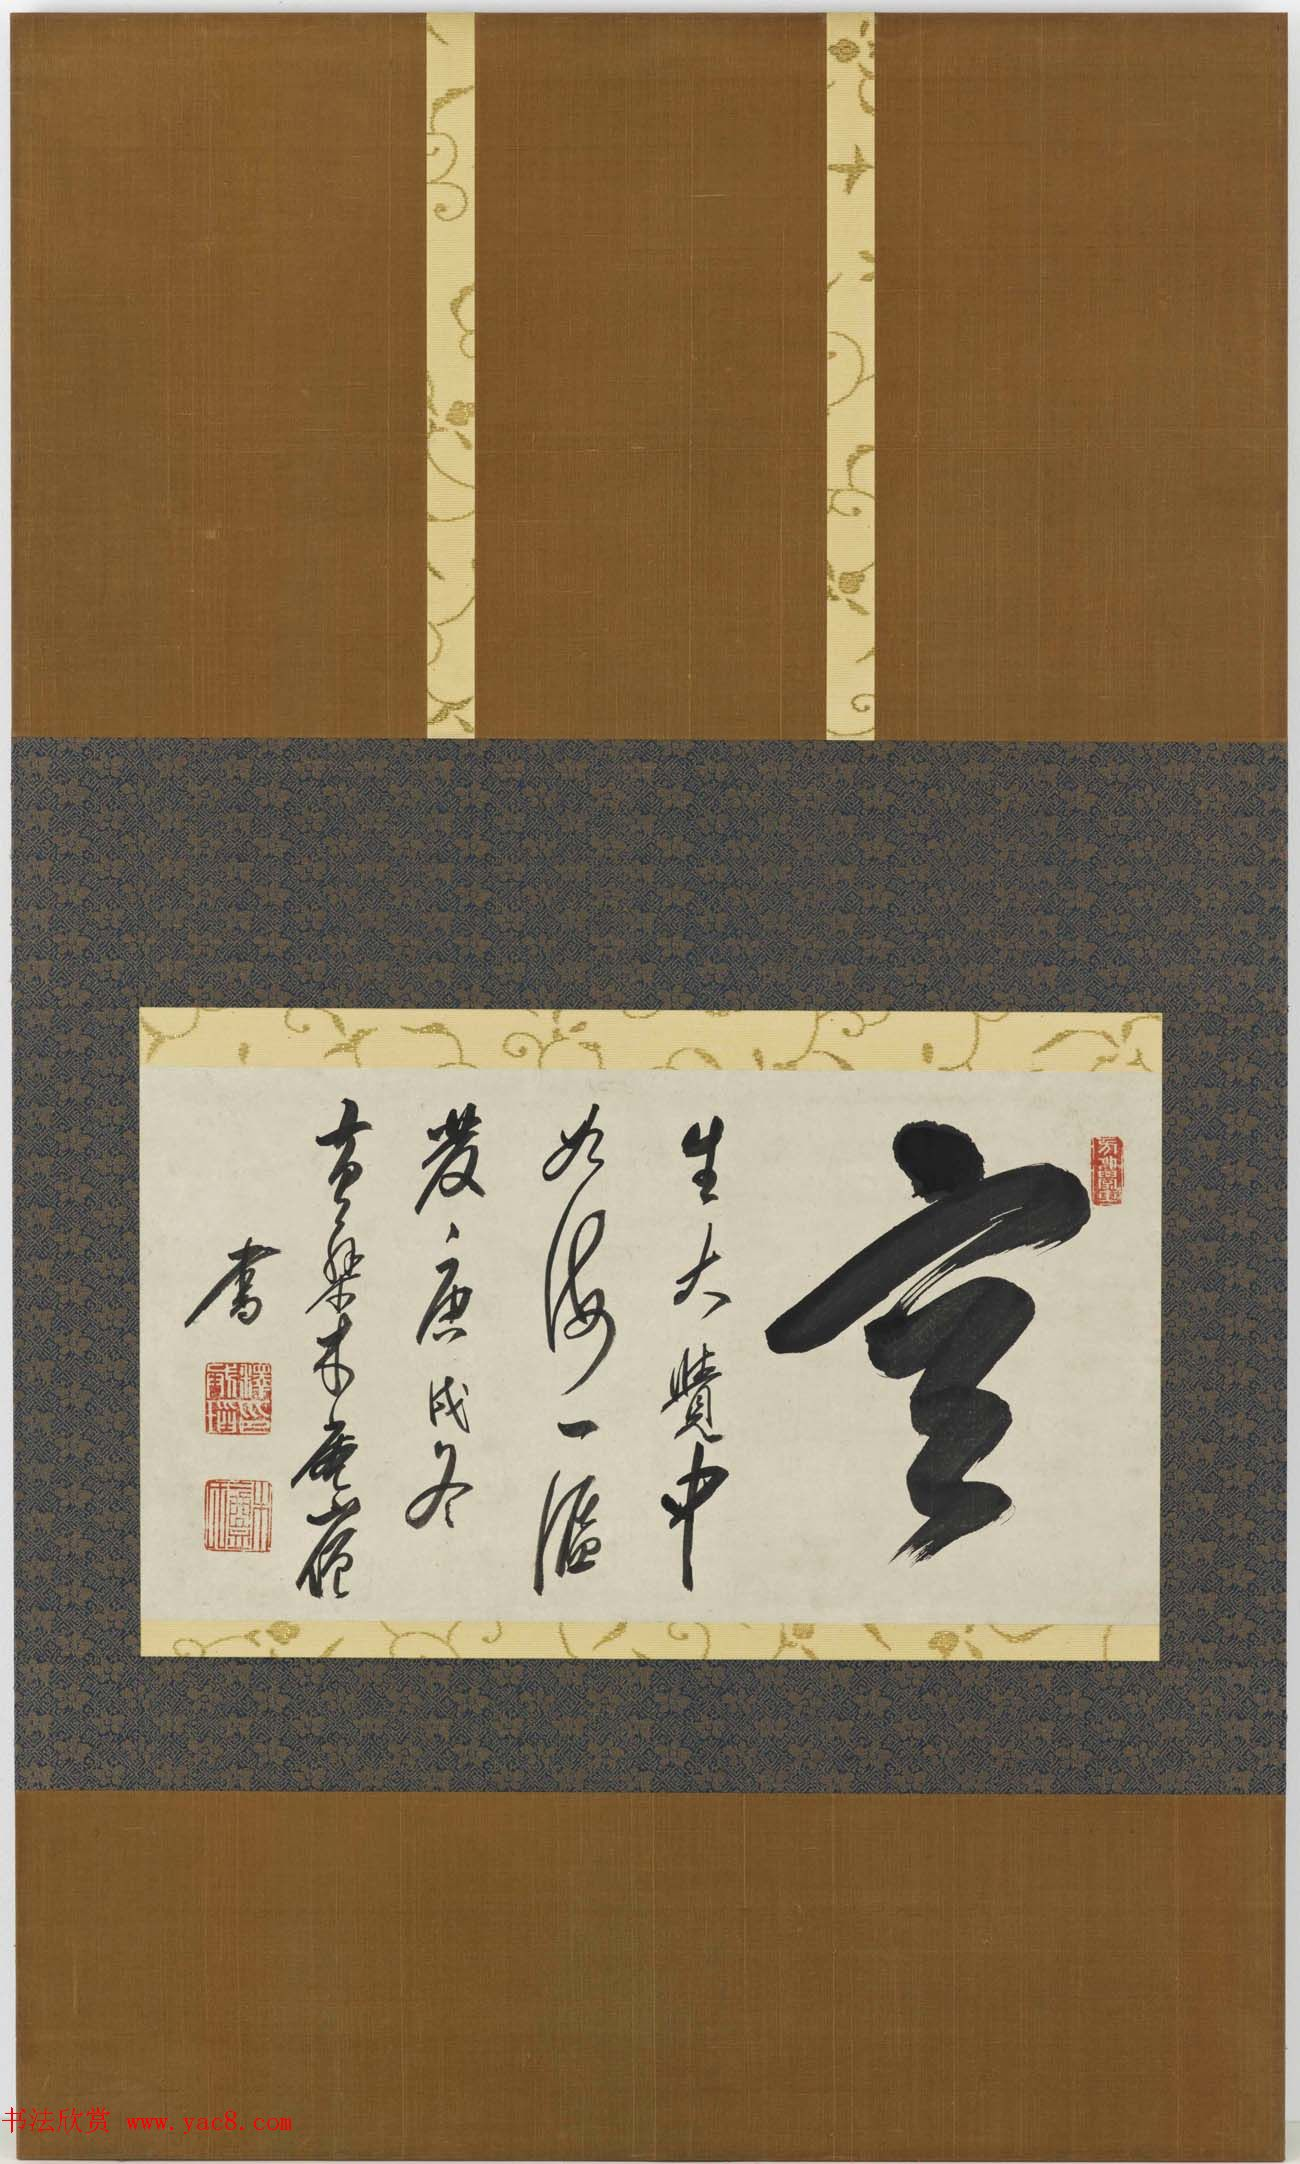 日本高僧木庵性��禅师书法墨宝美国国立亚洲艺术博物馆藏